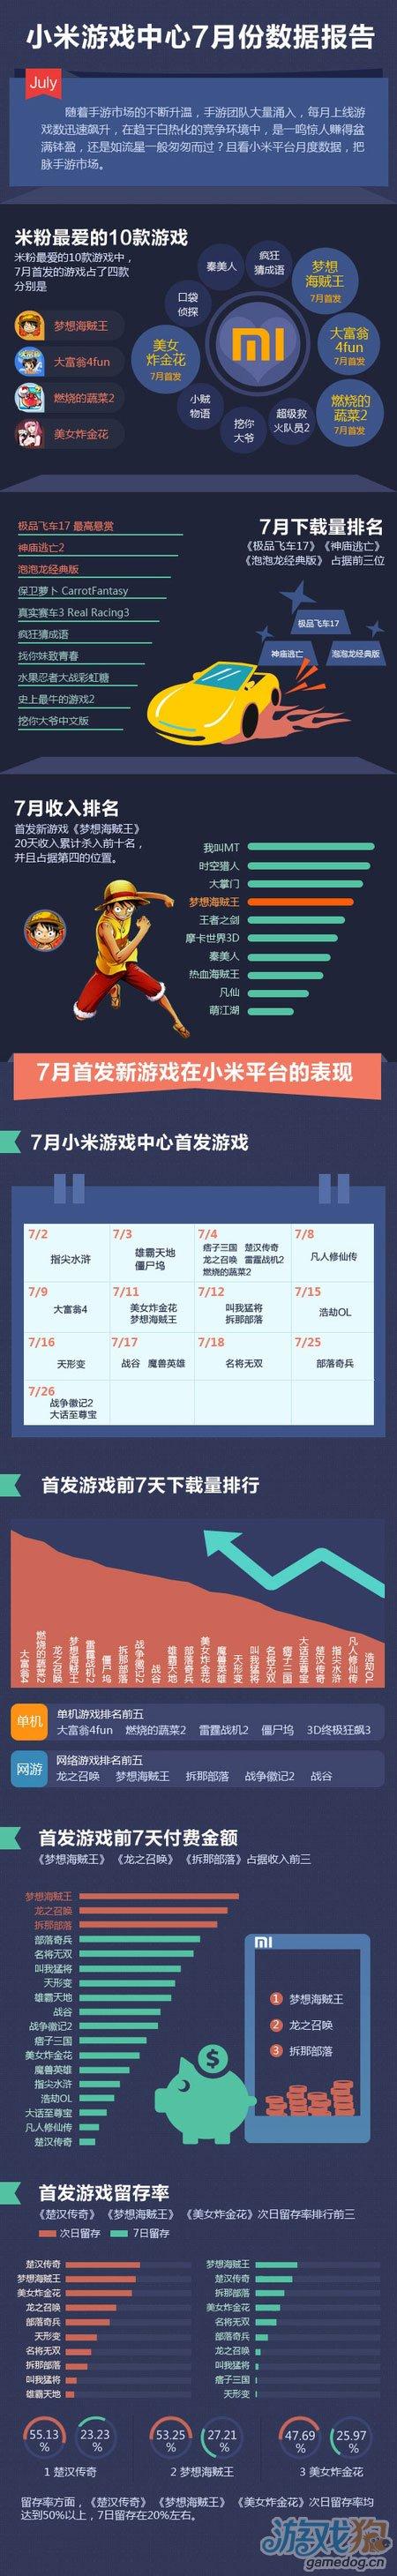 小米游戏中心7月报告 知名IP促进手游数据增长1